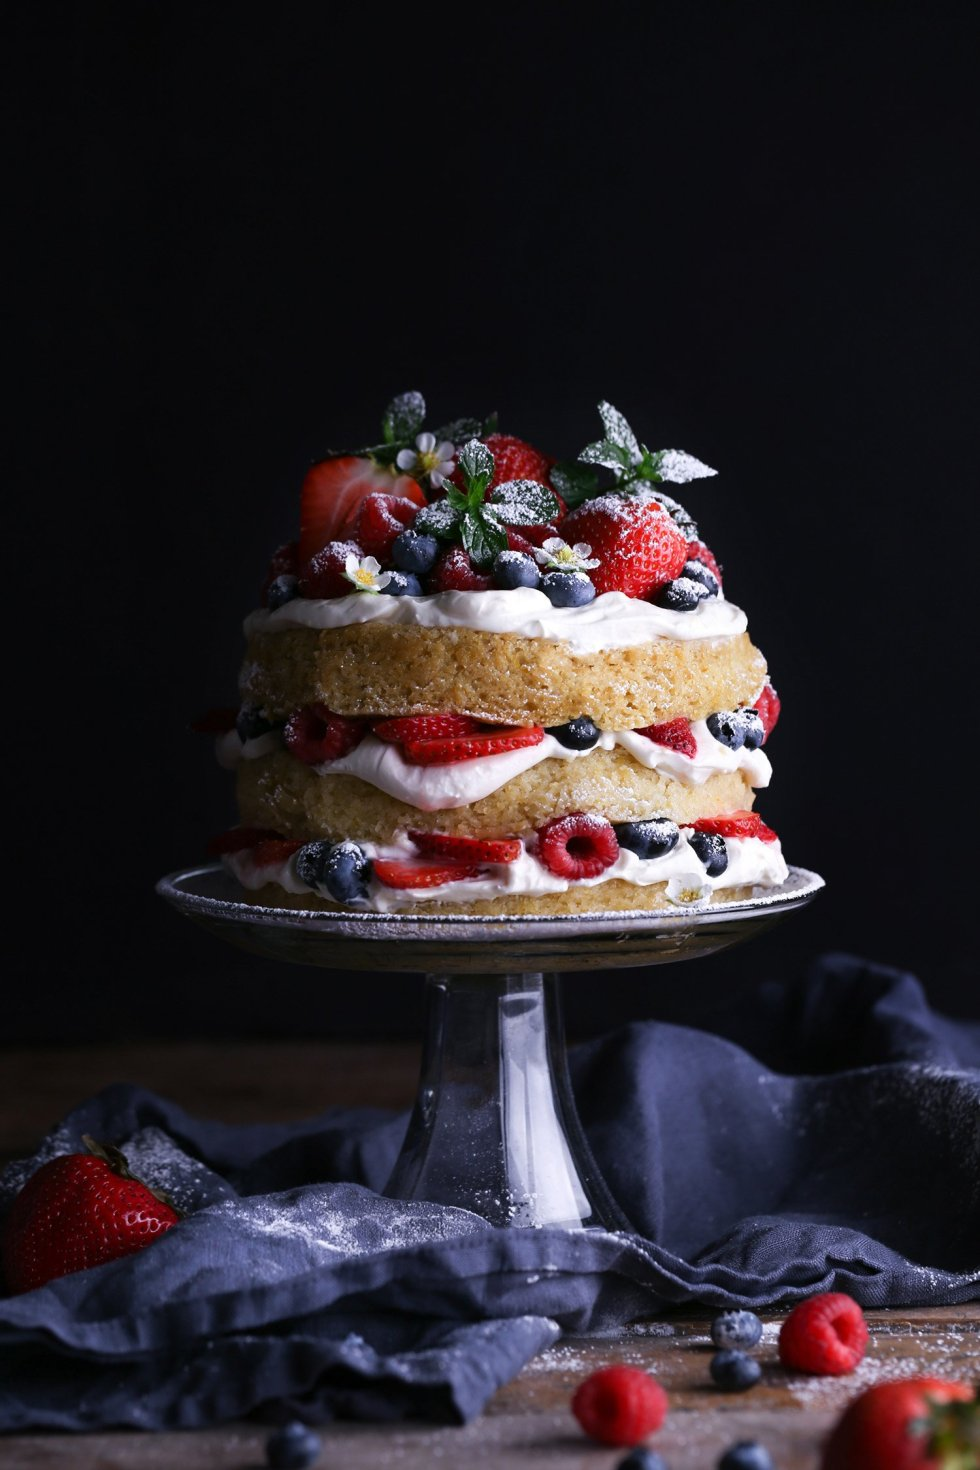 Vegan Lemon Cake with Fresh Berries